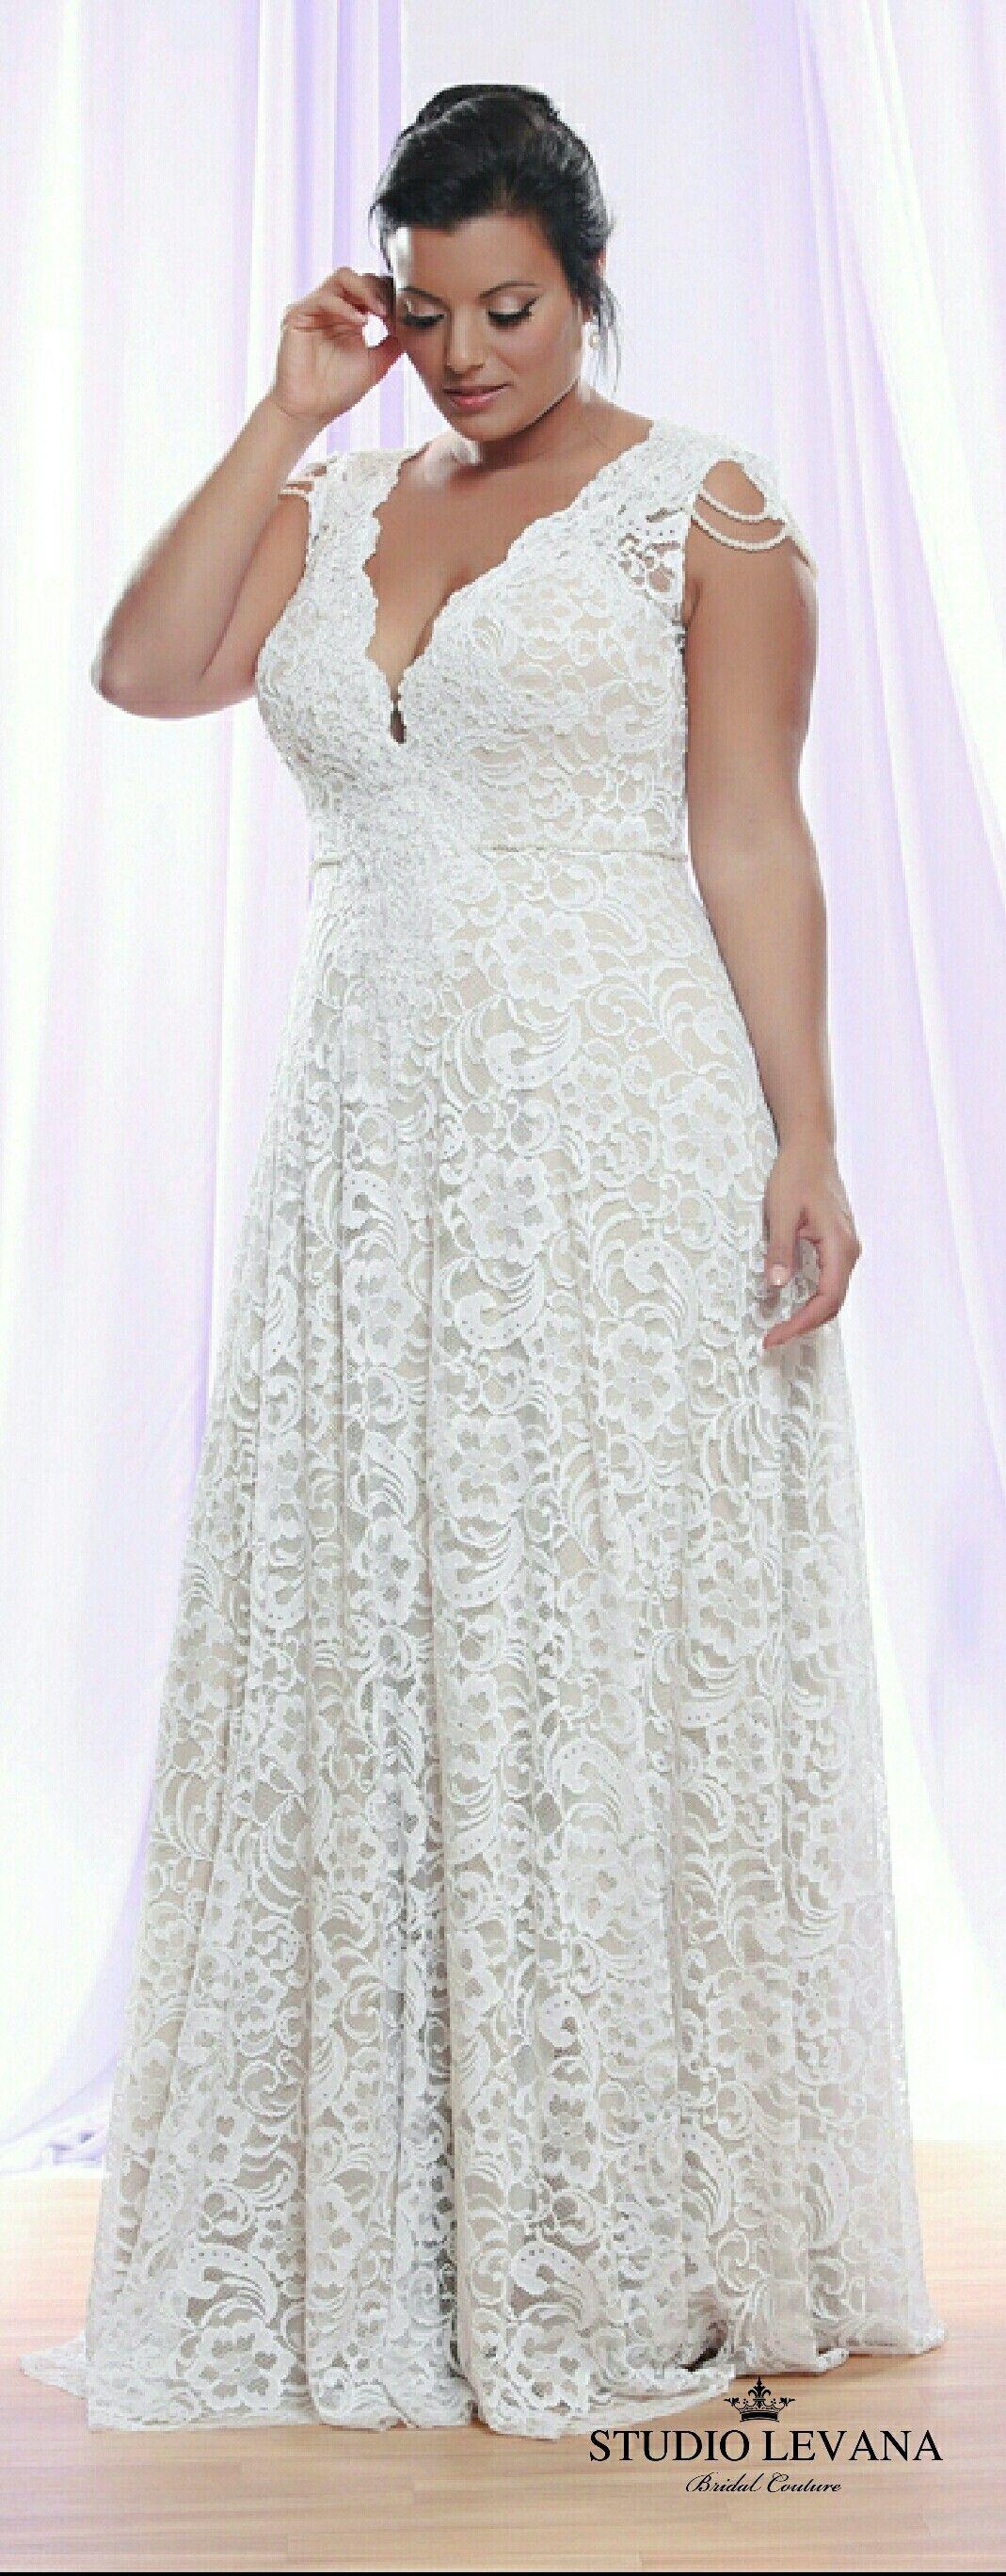 Plus size pink wedding dresses  Sleeveles option of Prada plus size lace wedding gownsignature